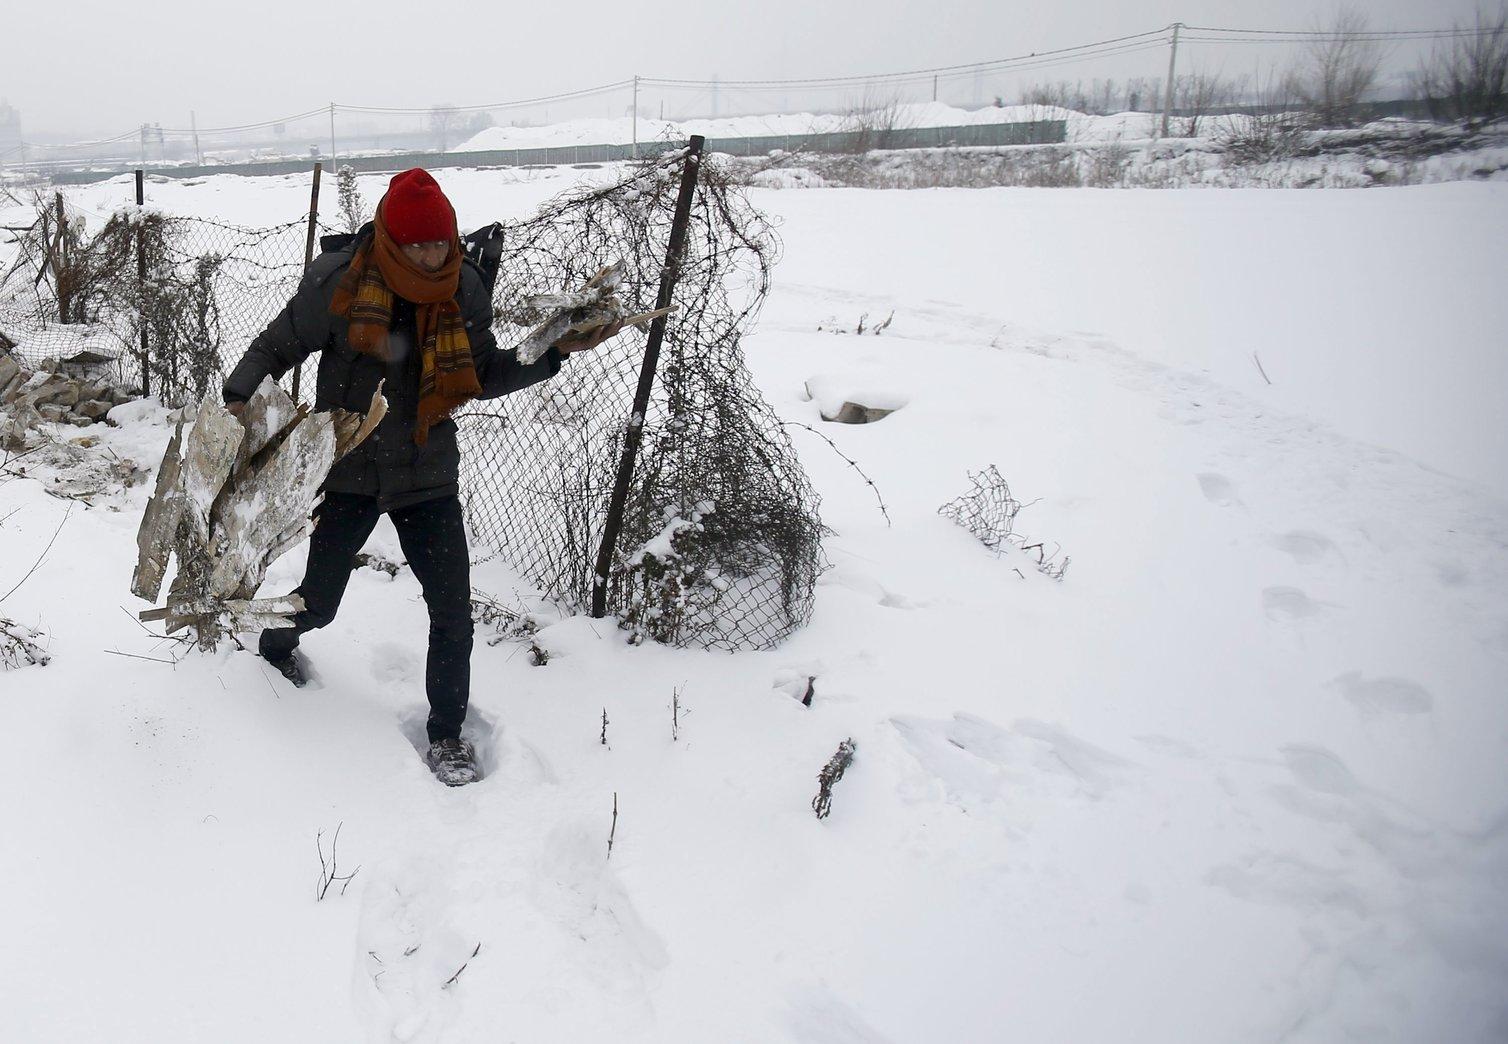 Tűzre való fát visz egy illegális bevándorló egy elhagyott belgrádi raktárépületnél 2017. január 11-én (MTI/AP/Darko Vojinovic)